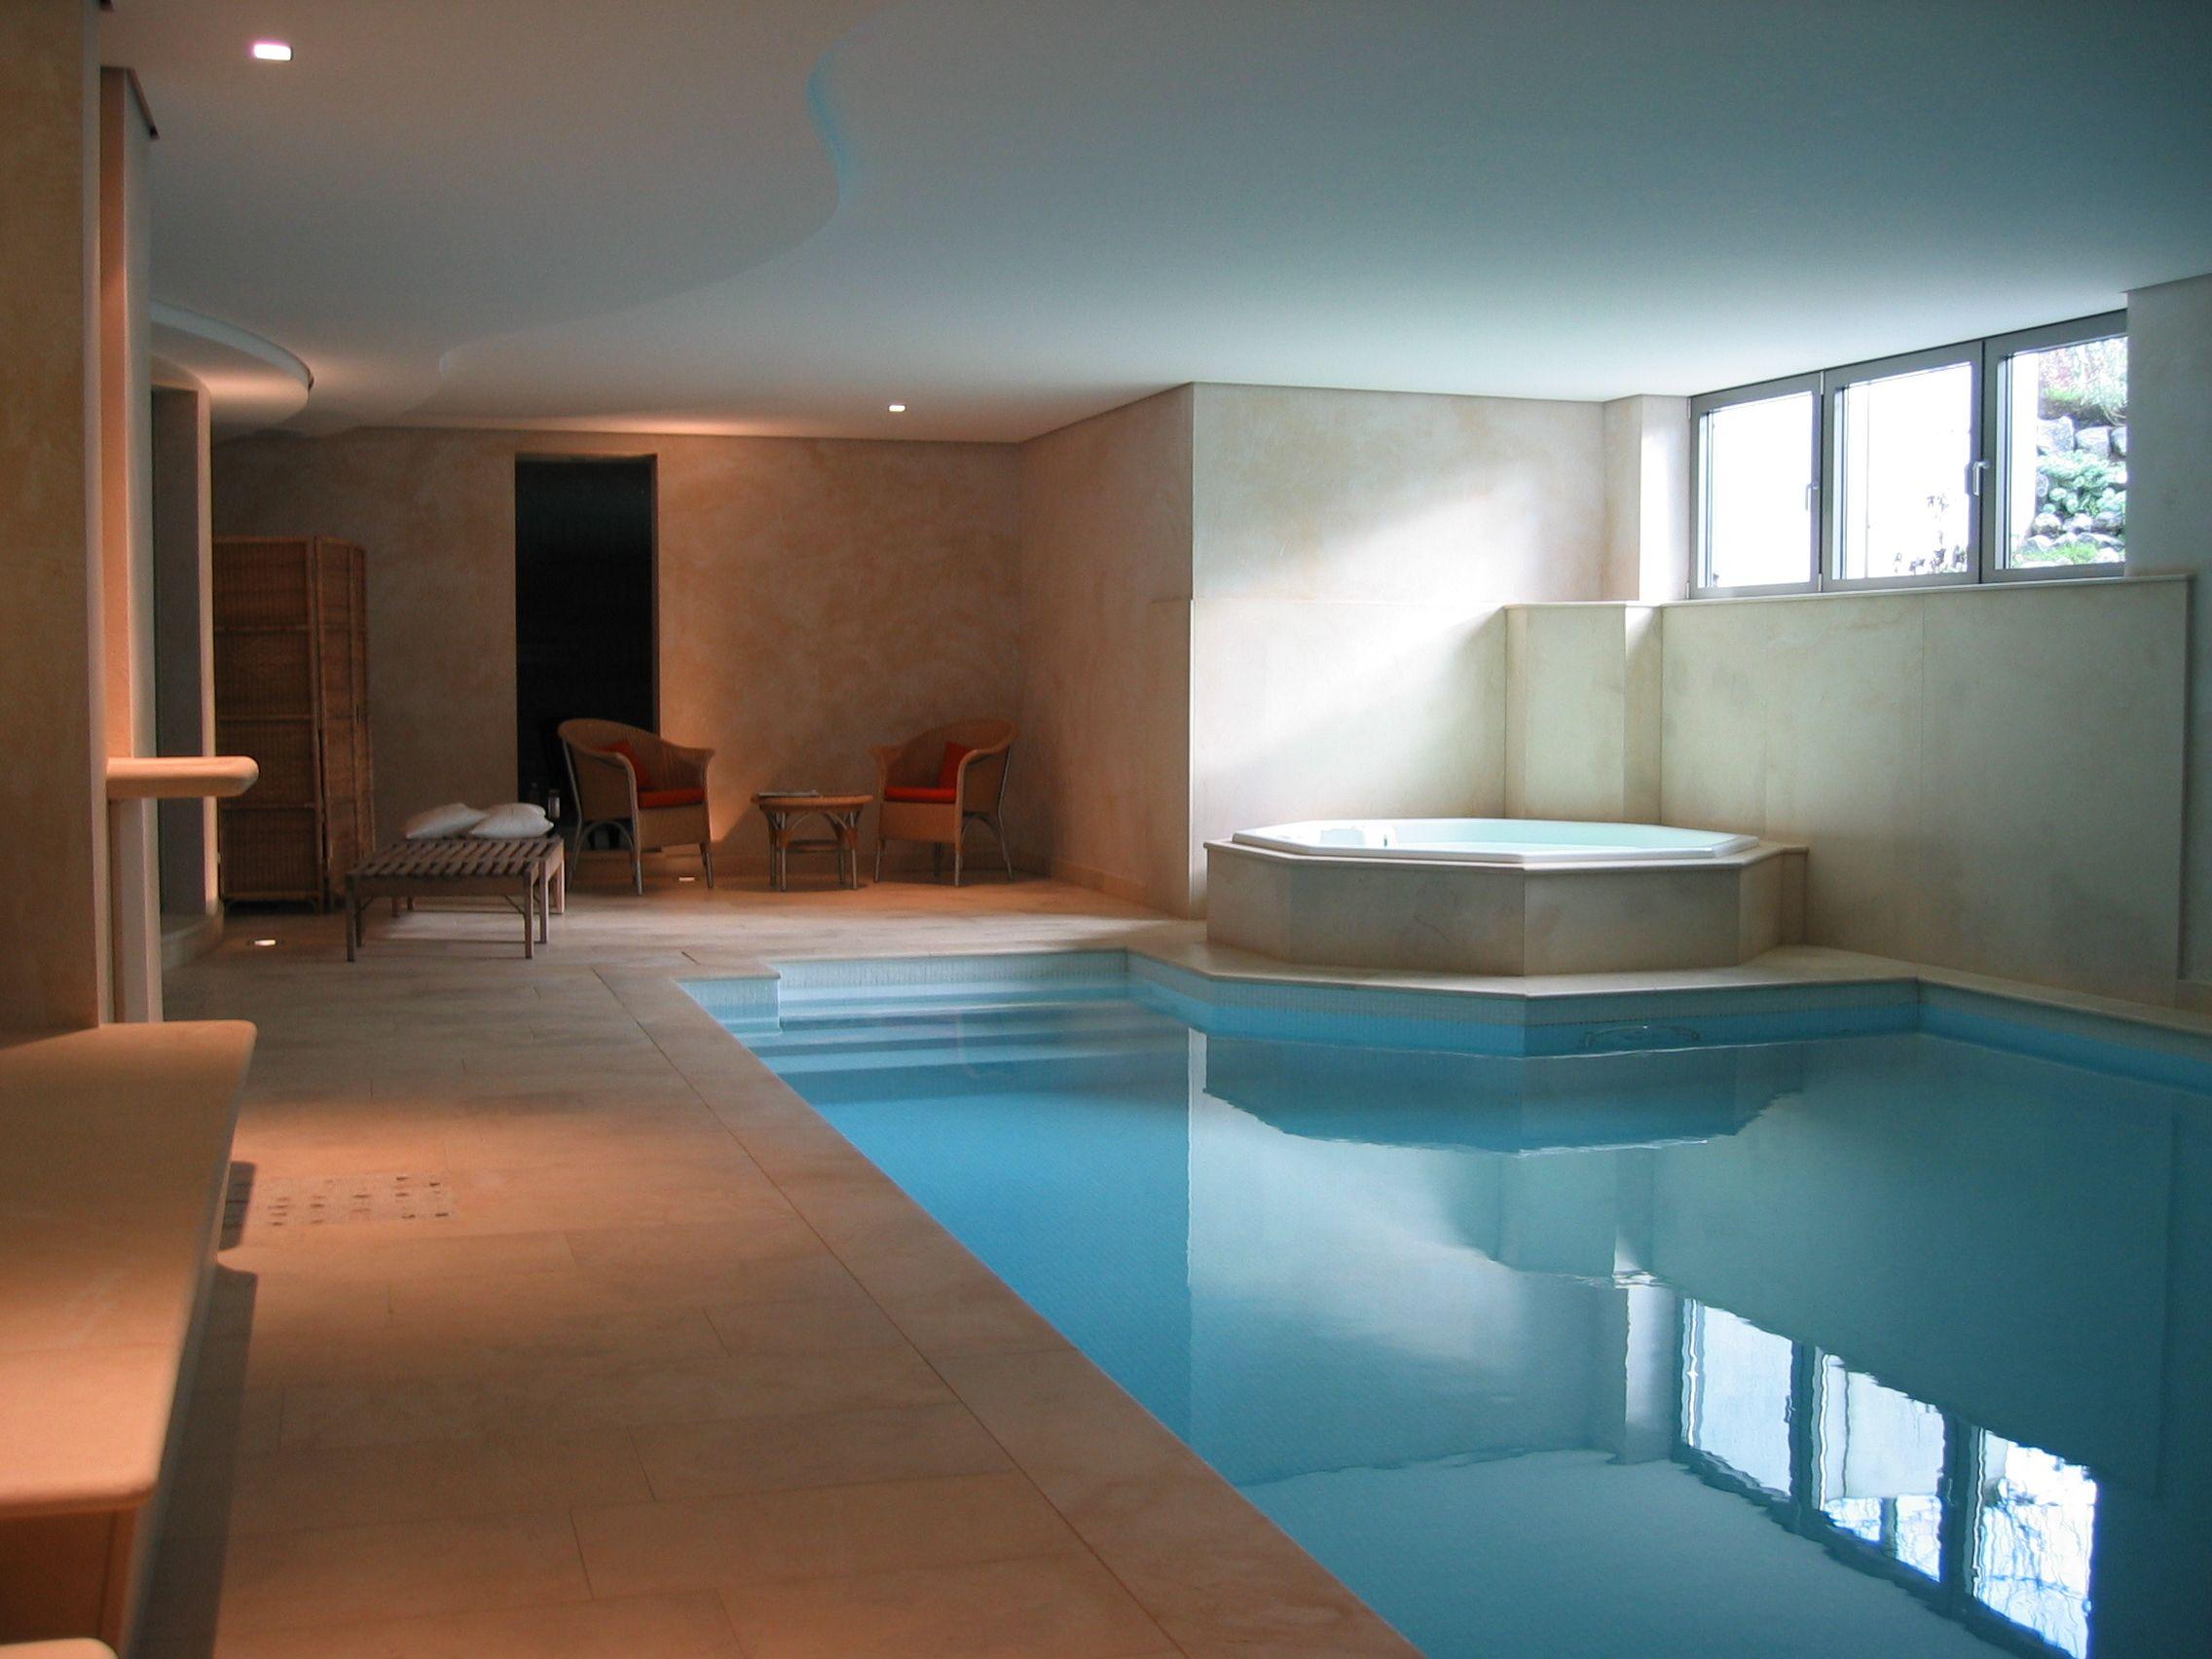 Indoor pool keller  Indoor Pool Whirlpool # www.schwimmbadbau-nrw.de | www ...